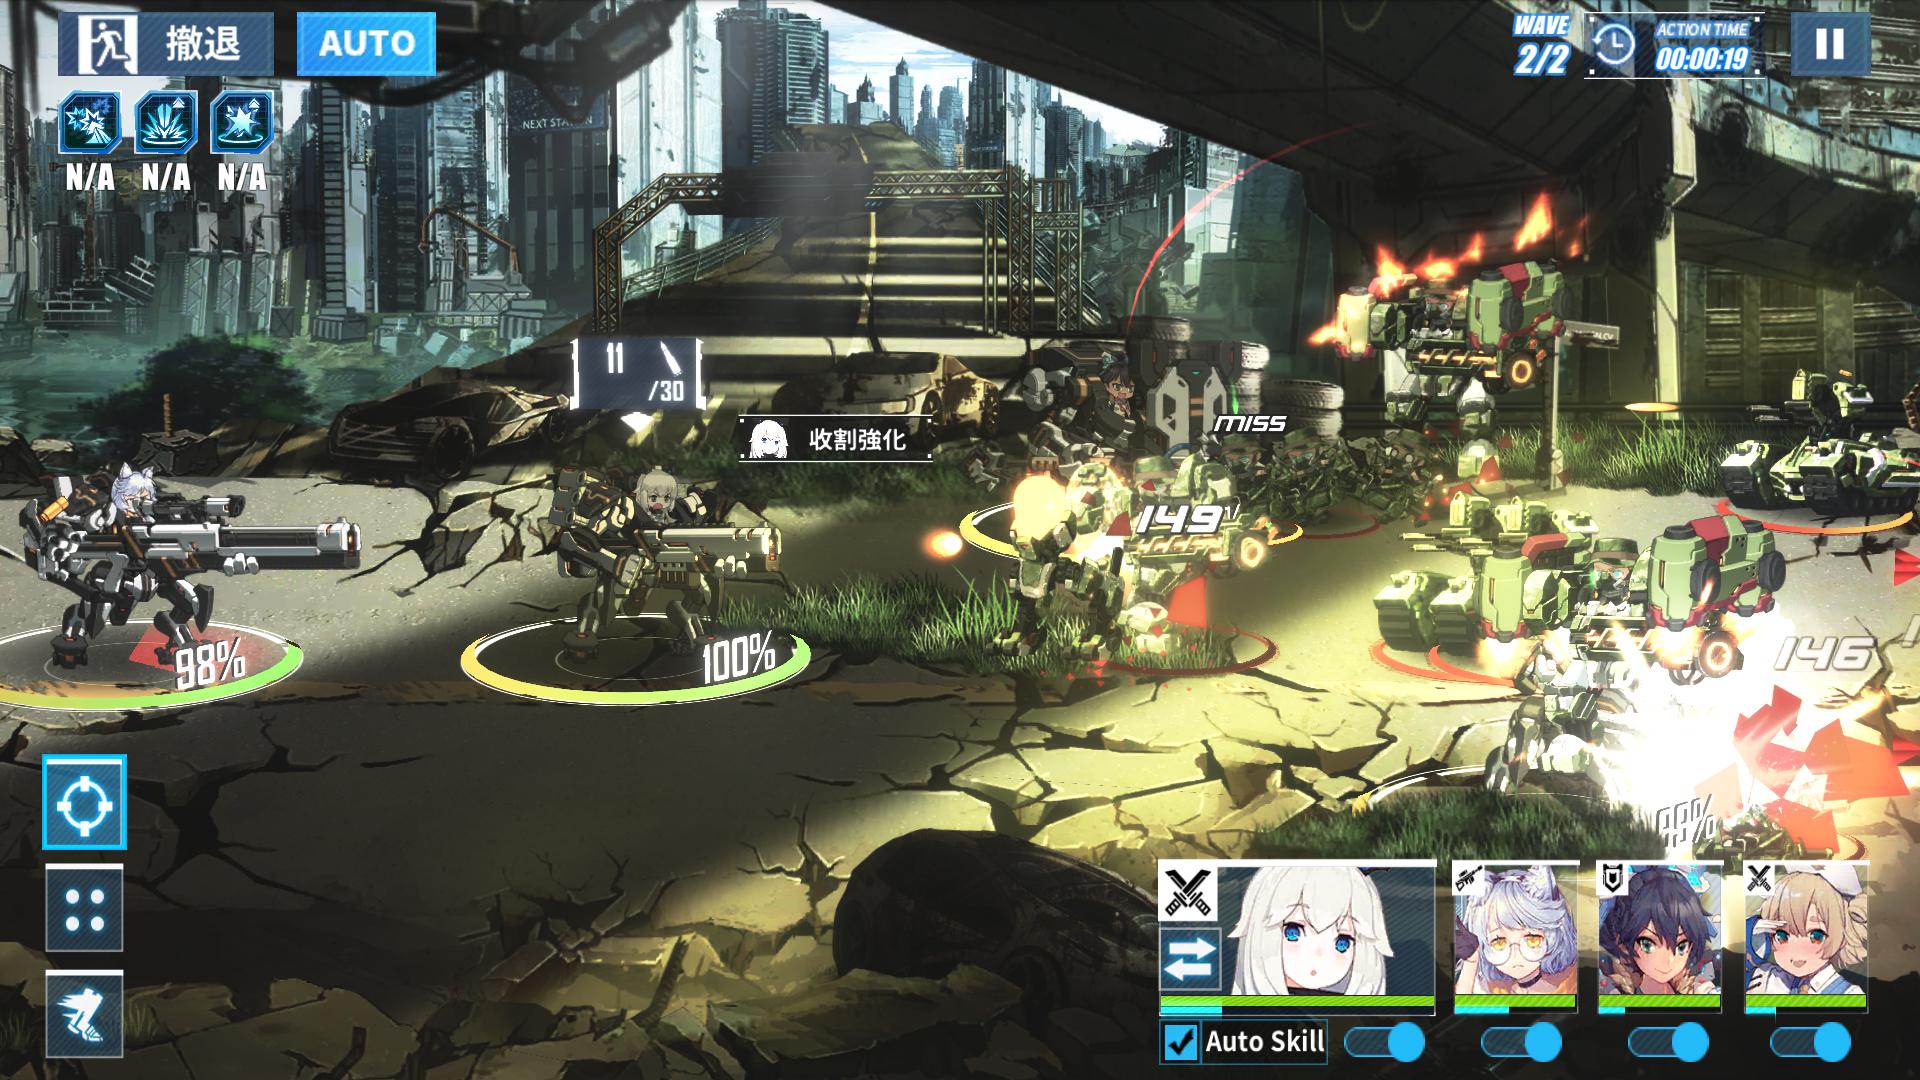 遊戲戰鬥畫面頗華麗 光影效果炫目